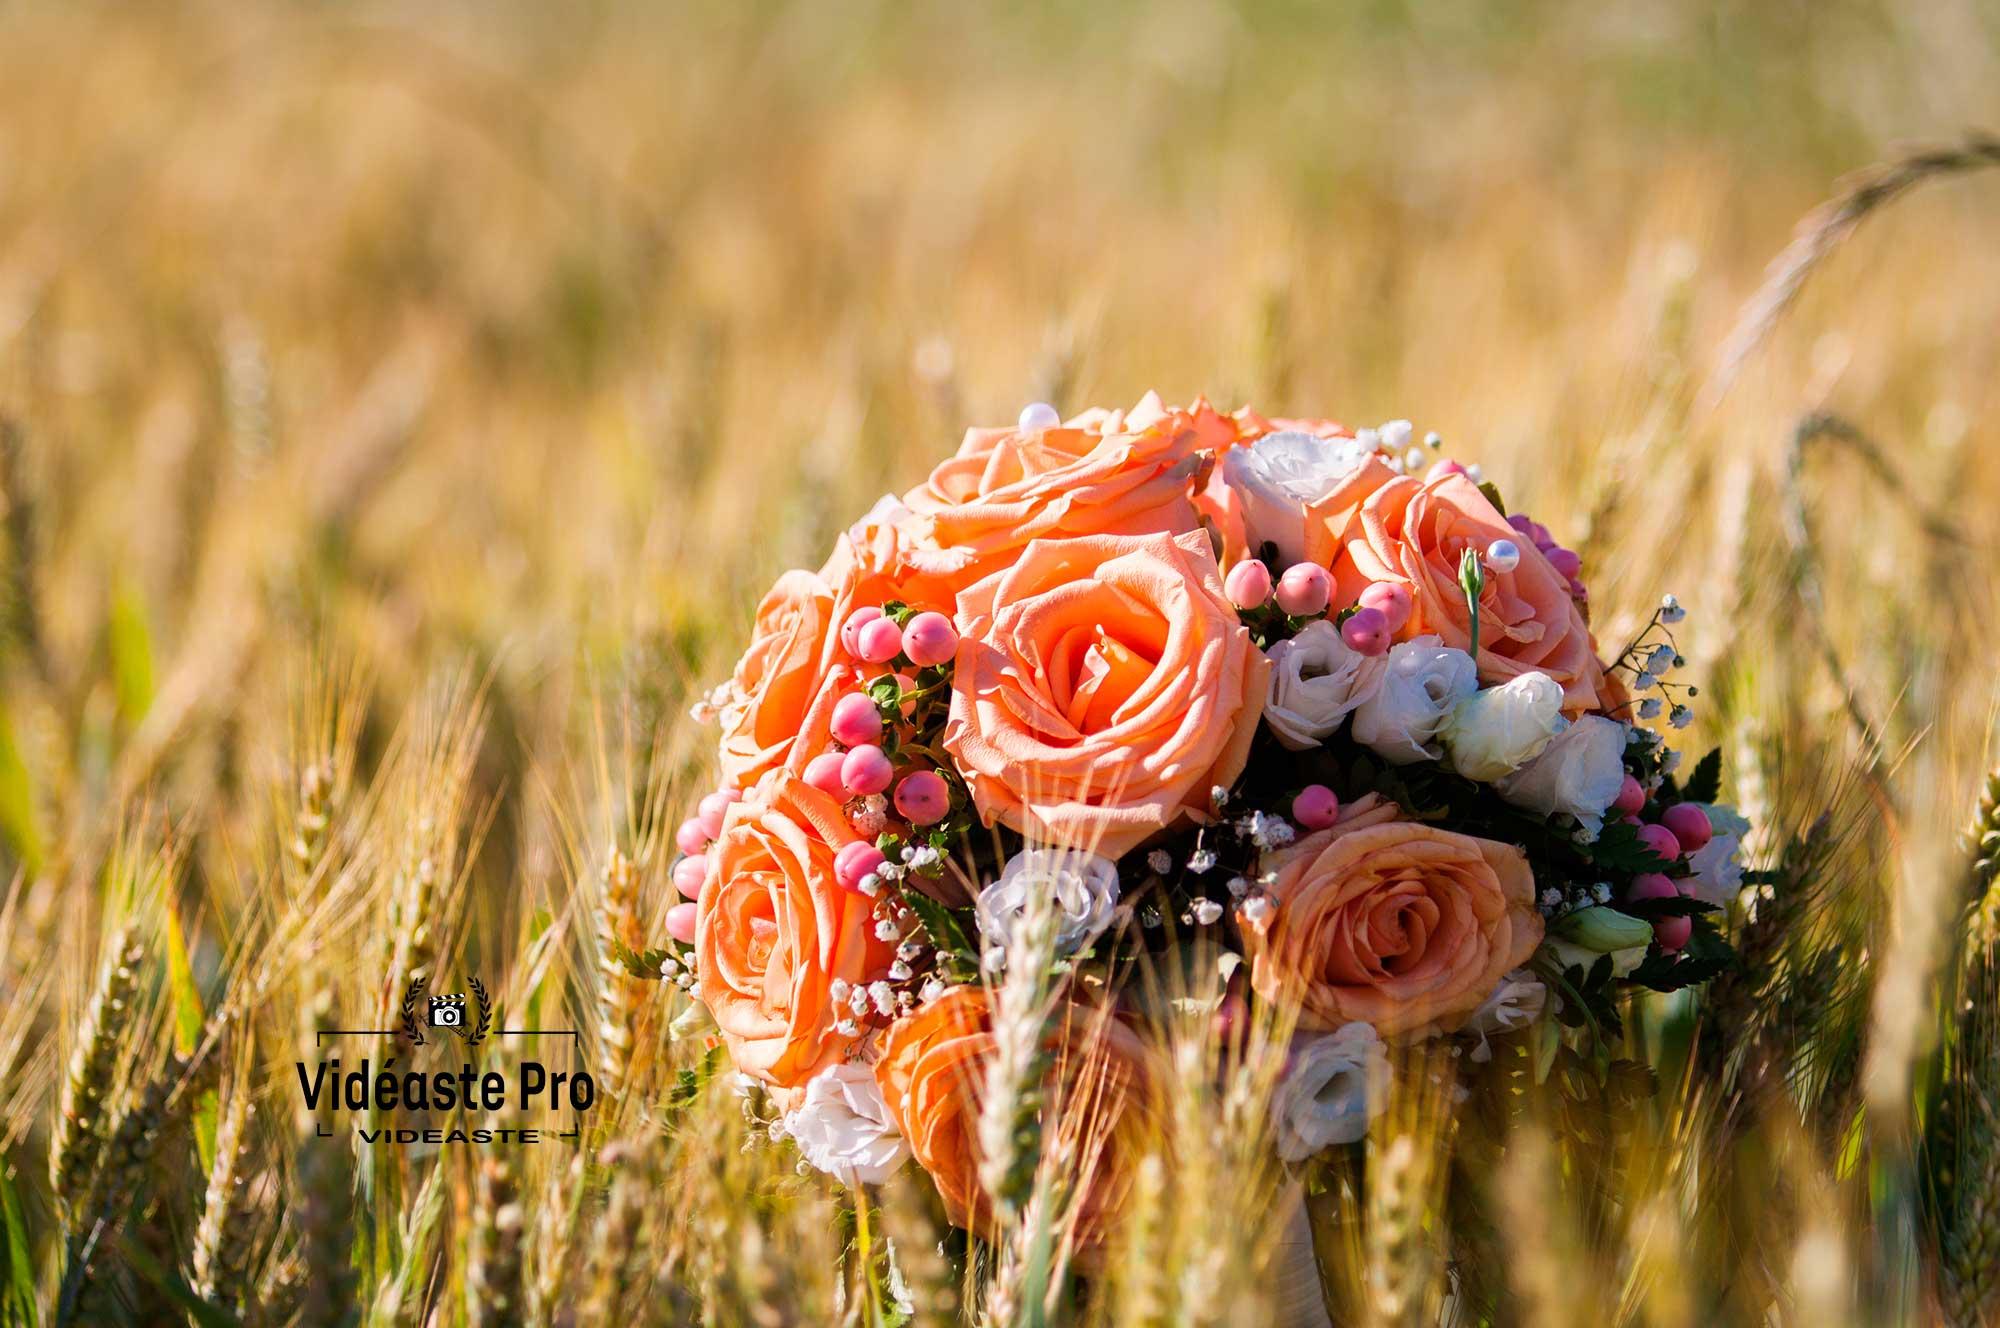 Tarifs forfait prix vidéaste mariage en Val-de-Marne, formule tarifaire vidéo film de mariage en Val-de-Marne, à Créteil, Vitry-sur-Seine, Champigny-sur-Marne, Saint-Maur-des-Fossés, Maisons-Alfort, Ivry-sur-Seine, Fontenay-sous-Bois, Villejuif, Vincennes, Alfortville, Choisy-le-Roi, Le Perreux-sur-Marne, L'Haÿ-les-Roses, Villeneuve-Saint-Georges, Thiais, Nogent-sur-Marne, Villiers-sur-Marne, Charenton-le-Pont, Fresnes, Cachan, Sucy-en-Brie, Le Kremlin-Bicêtre, Orly